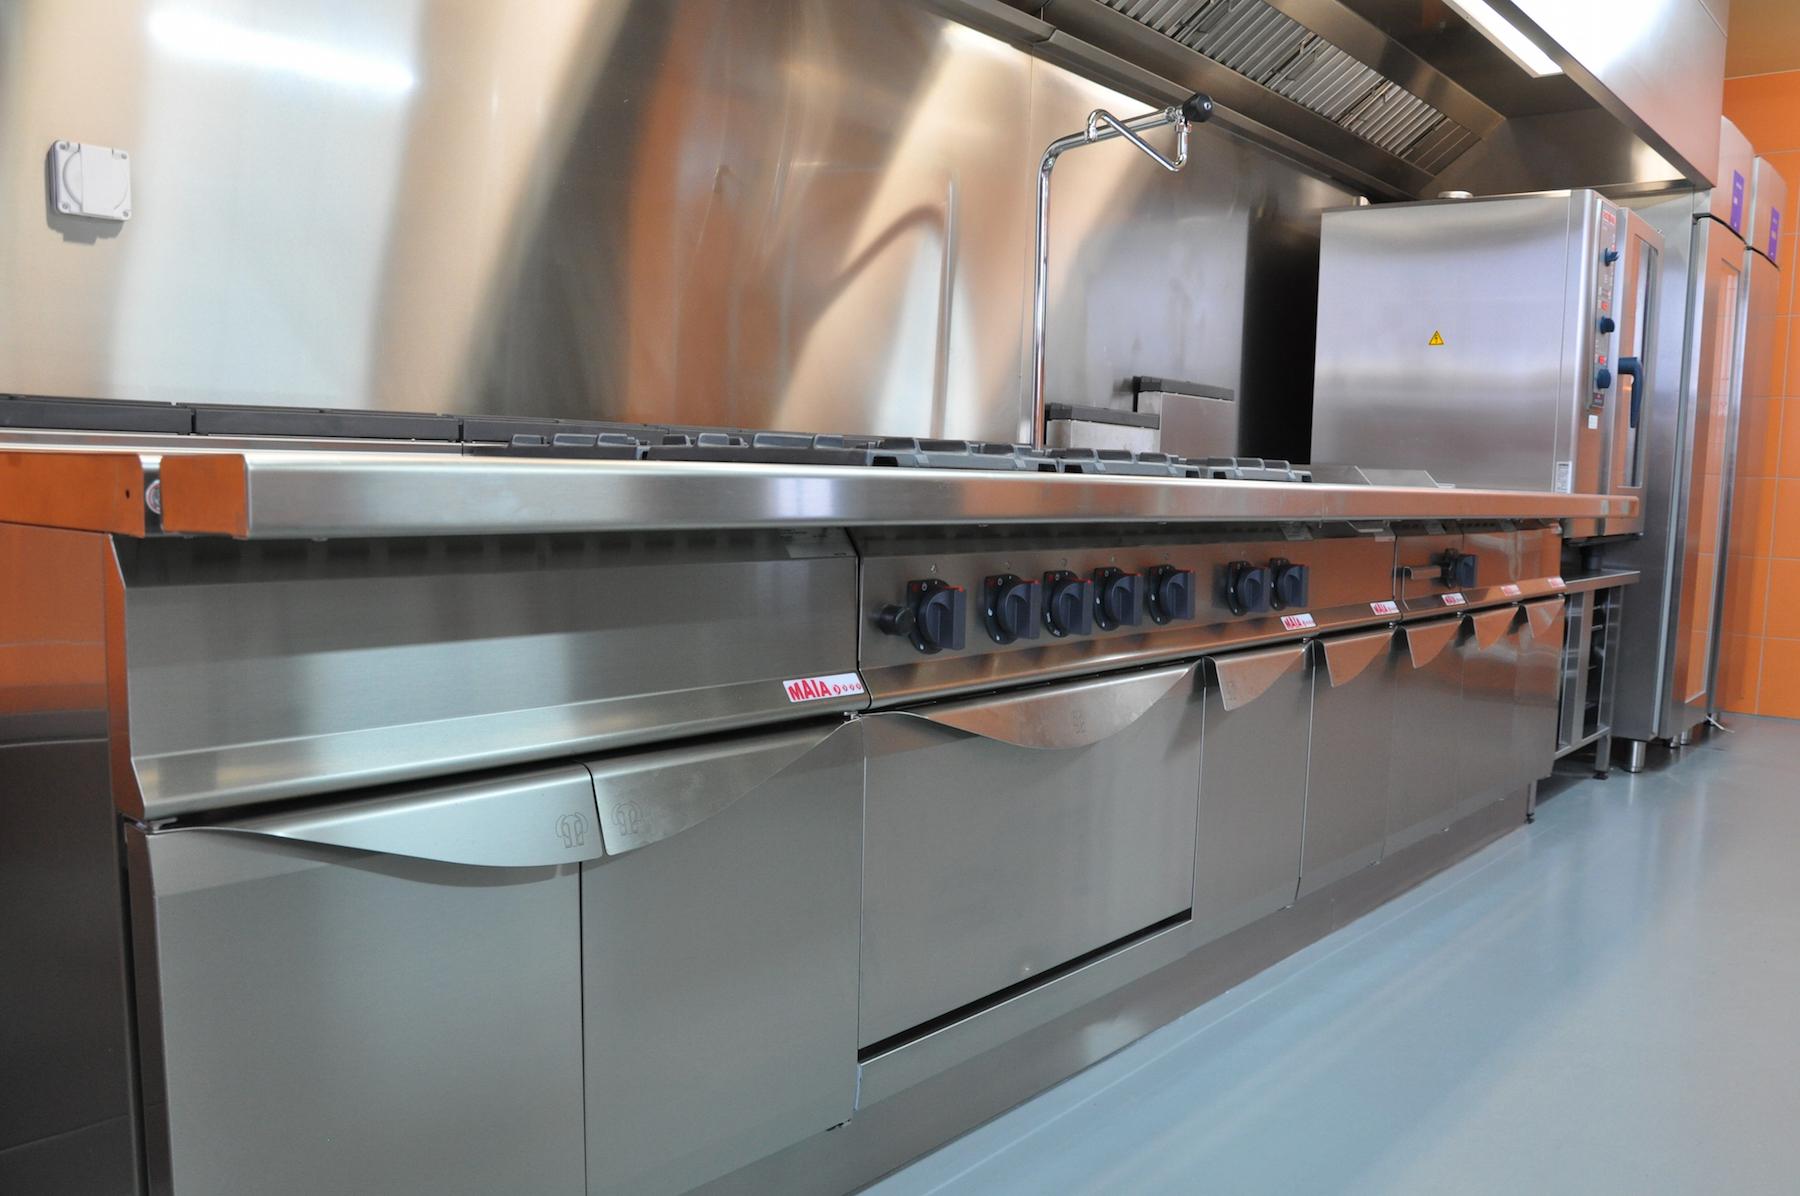 Installation Cuisine Dom des Röthis | Meinen Cuisines Professionnelles SA, Genève